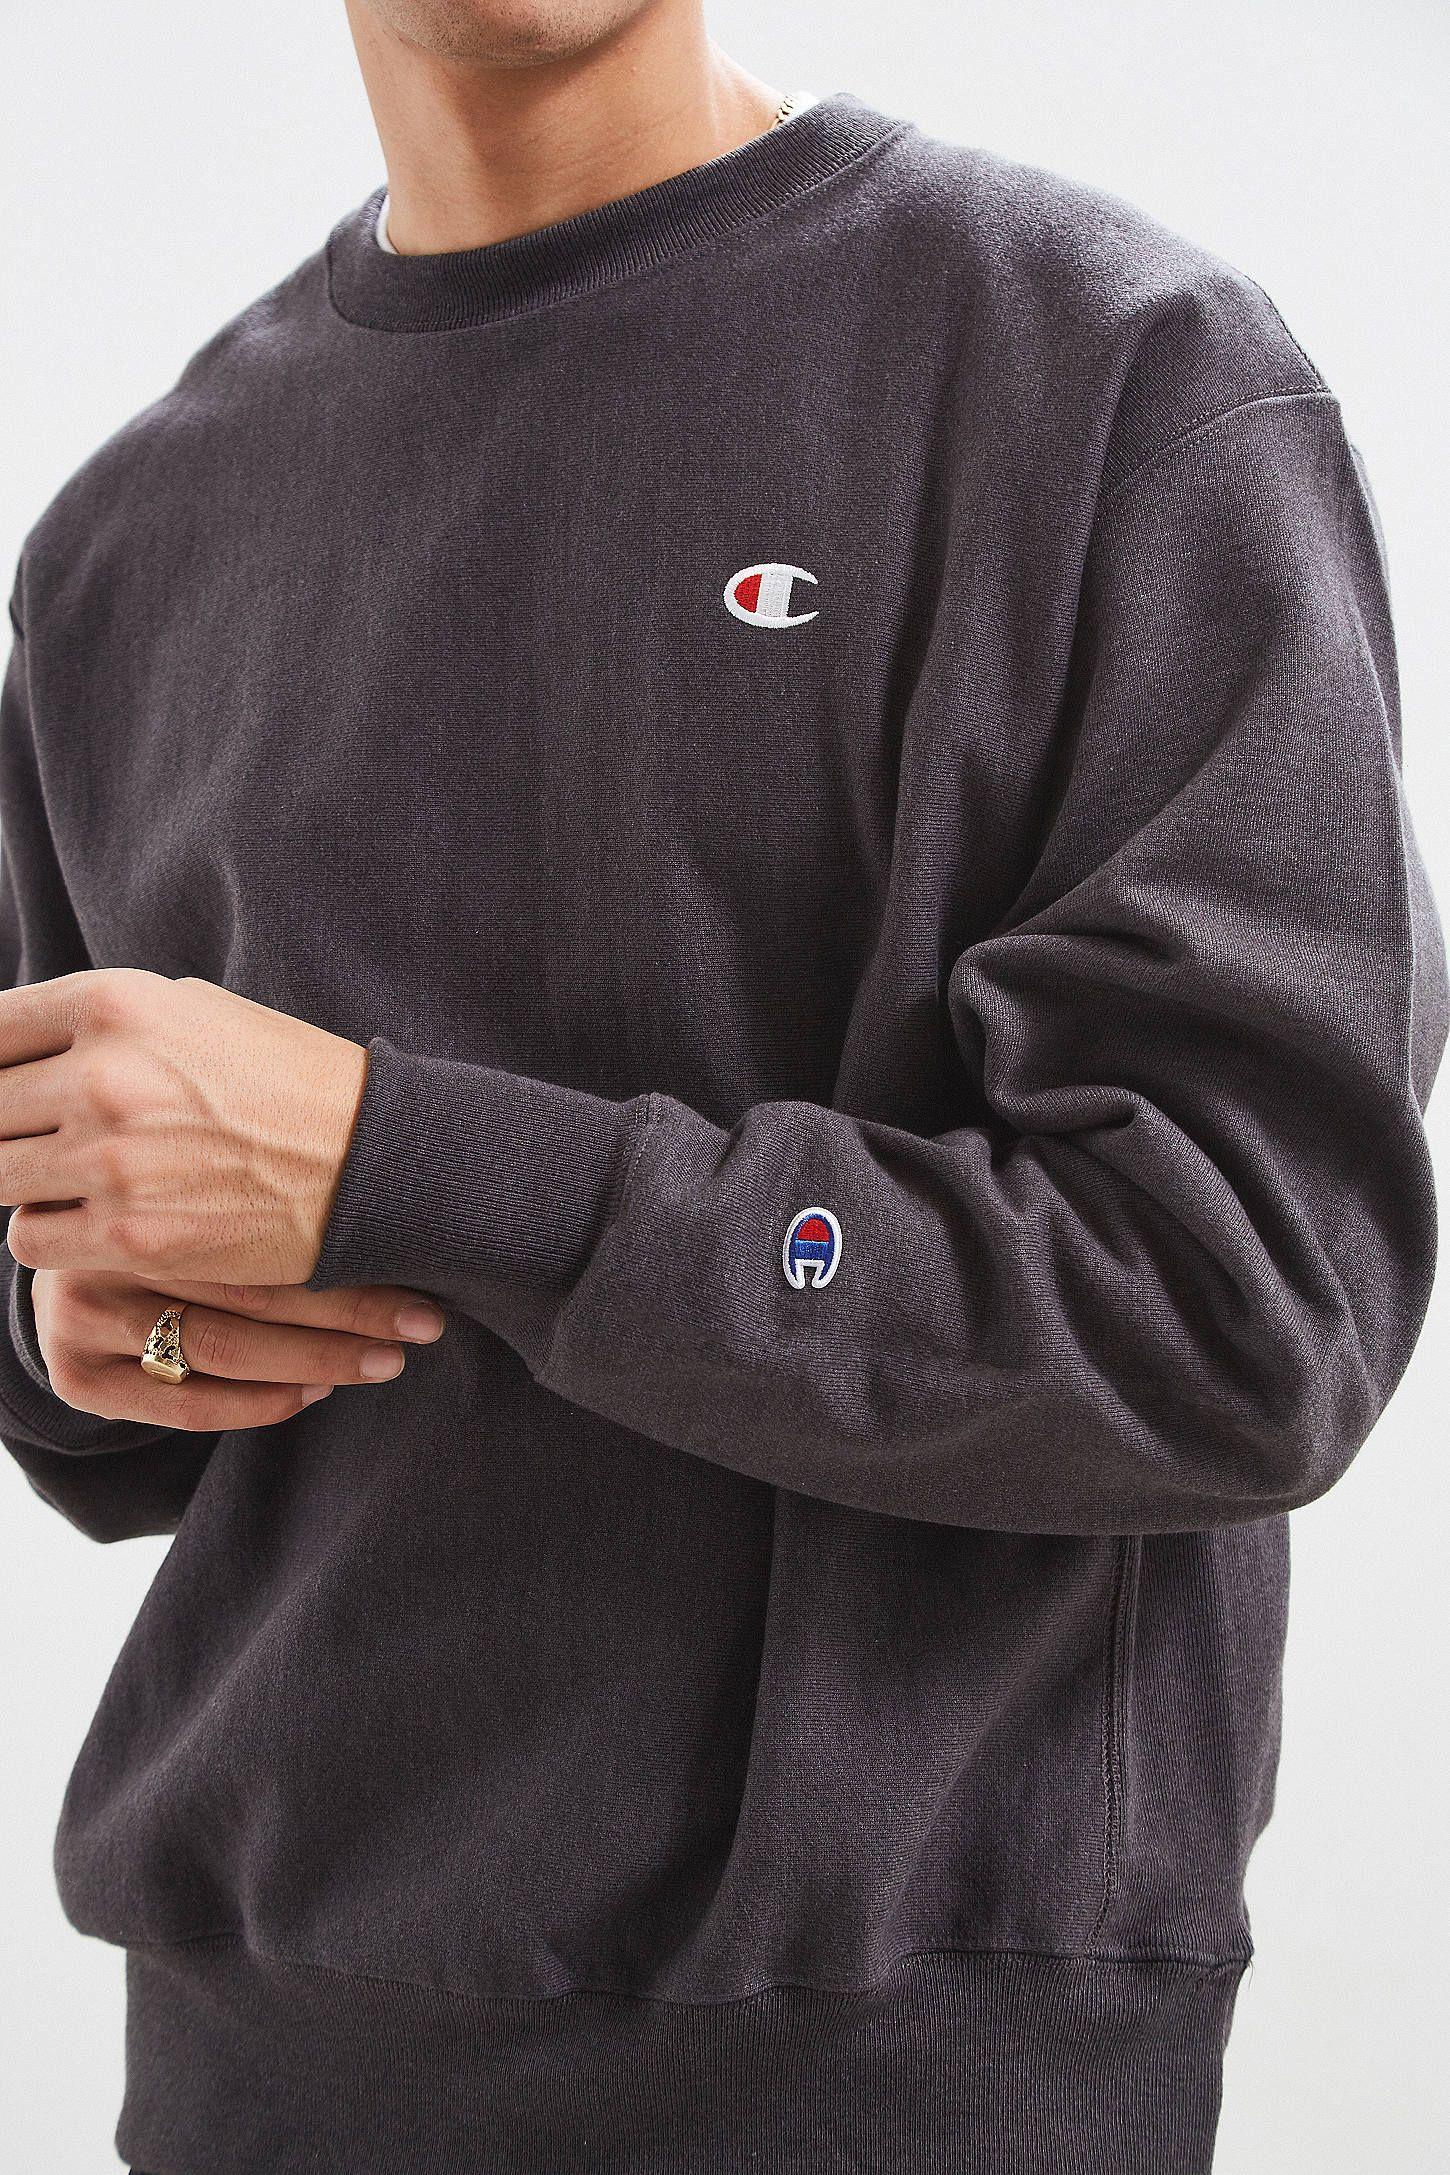 Champion Reverse Weave Fleece Crew Neck Sweatshirt Crew Neck Sweatshirt Sweatshirts Grey Champion Sweatshirt [ 2175 x 1450 Pixel ]